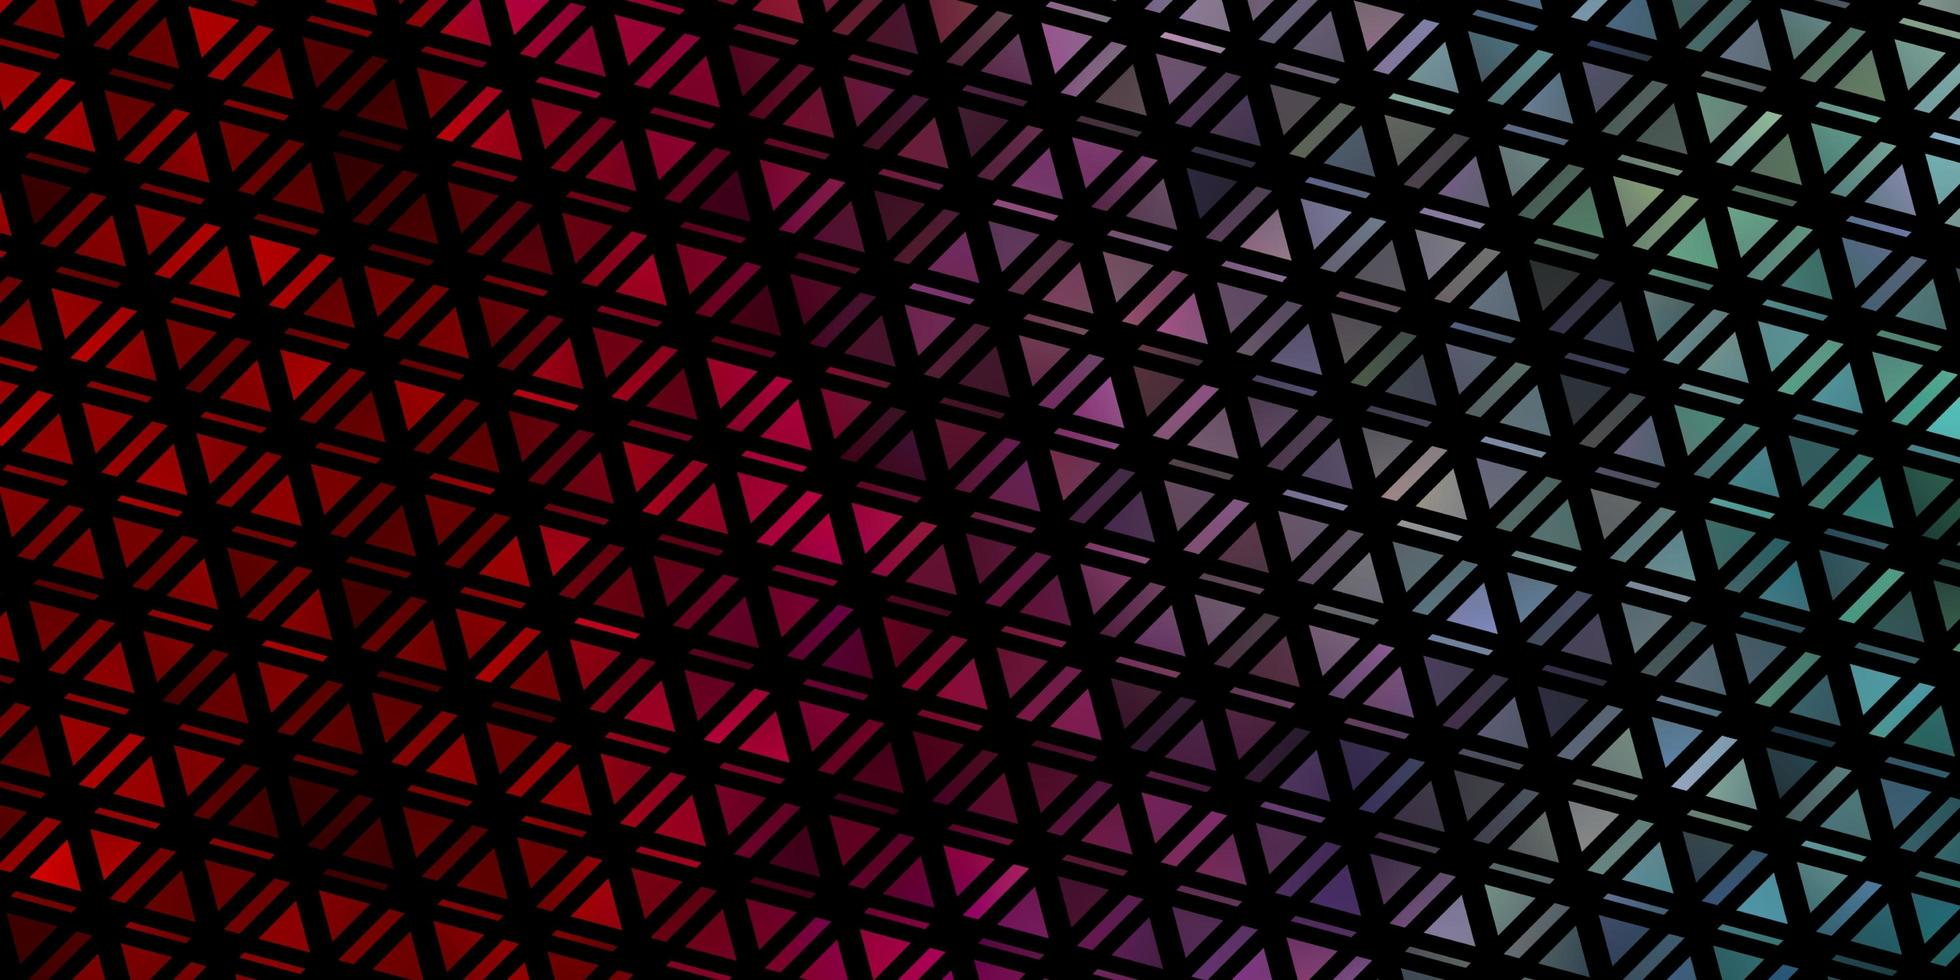 plantilla de vector azul claro, rojo con cristales, triángulos.